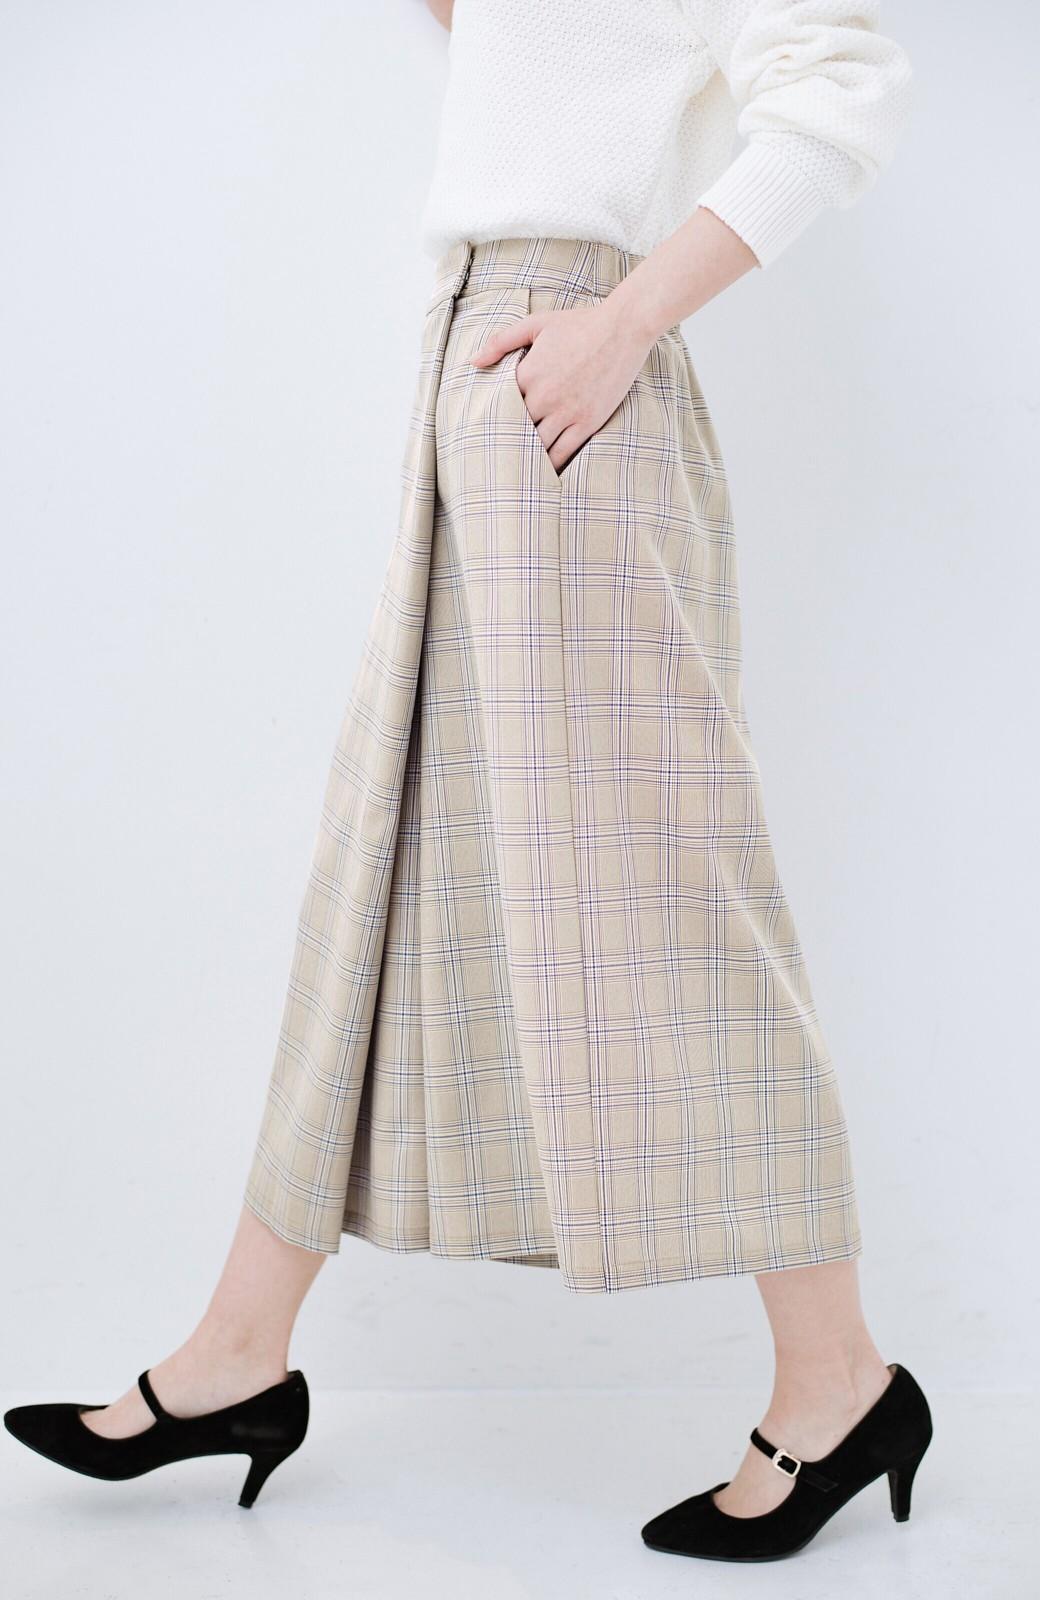 haco! 動きやすいのにちゃんと女子見え スカートみたいな華やかチェックパンツ <ブラウン系その他>の商品写真4